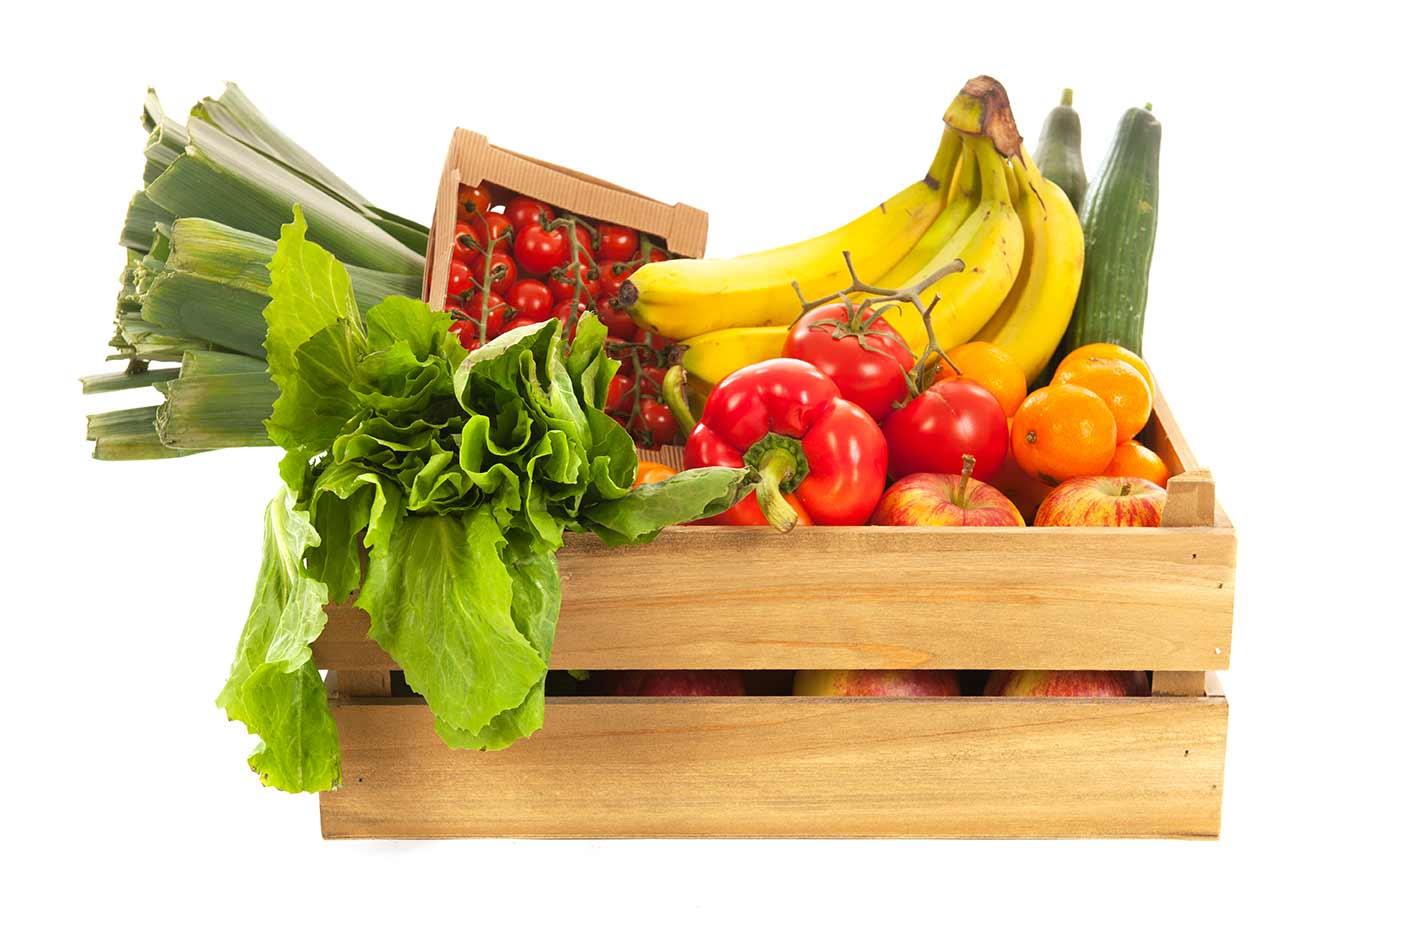 comida ecologica frutas y verduras frescas frutera de valencia - Cajas De Frutas